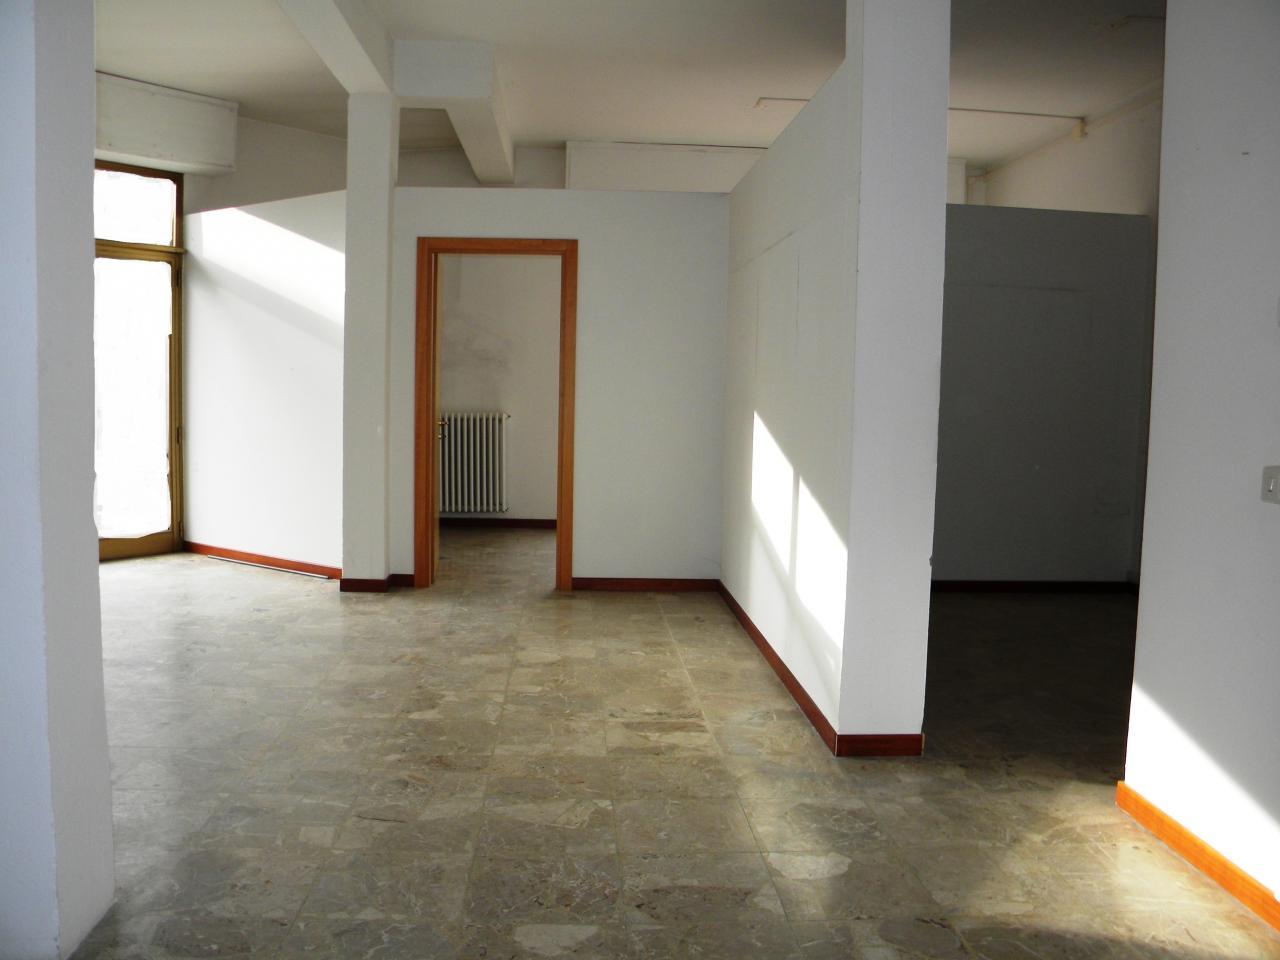 Negozio / Locale in vendita a San Giovanni Valdarno, 9999 locali, zona Zona: Oltrarno, prezzo € 125.000 | Cambio Casa.it